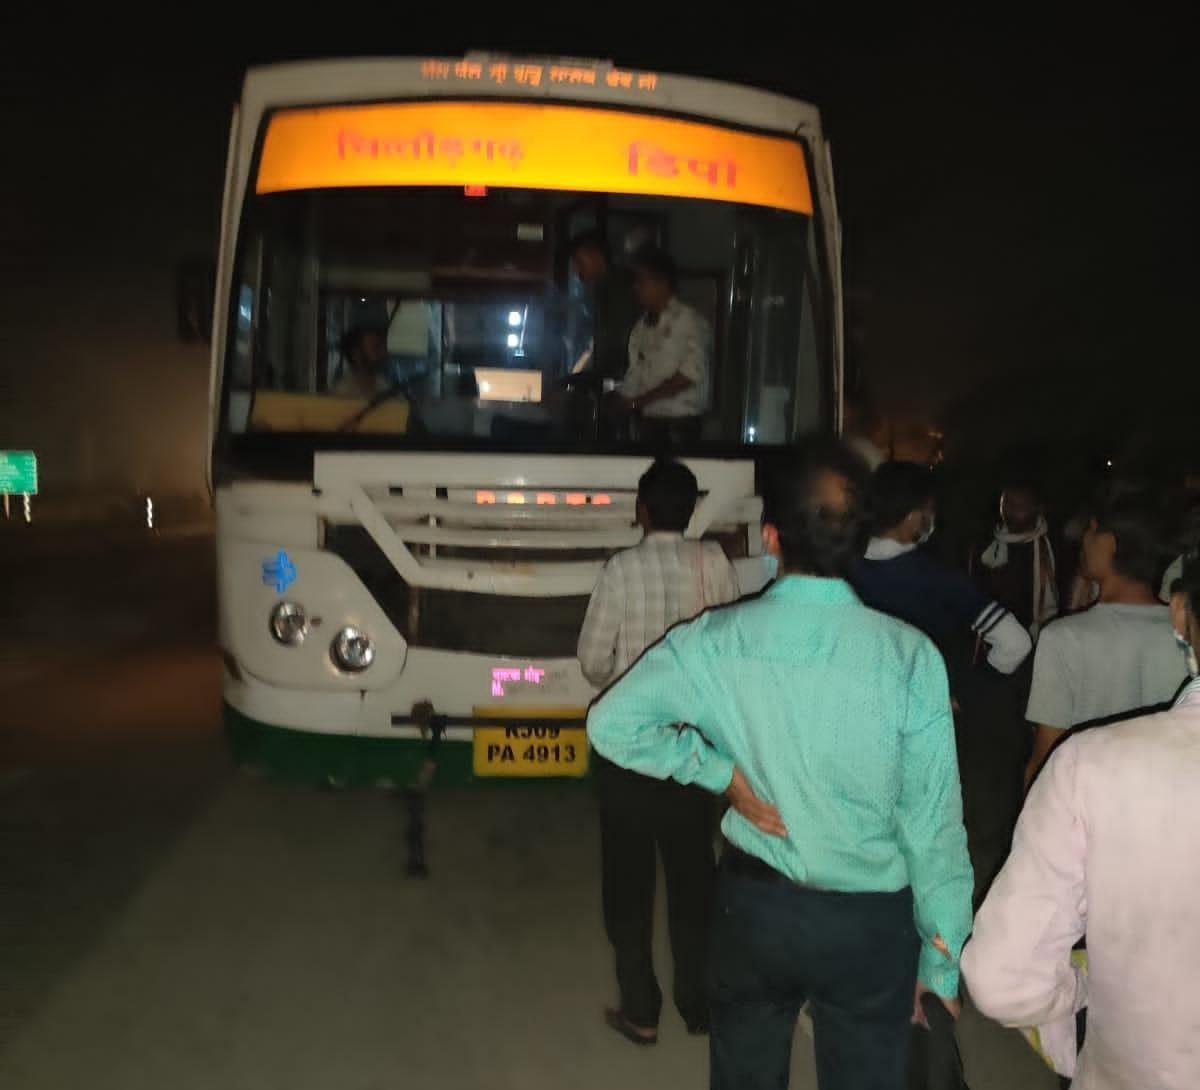 चित्तौड़गढ़ से भीलवाड़ा जा रही थी बस,दो बार एक्सीडेंट होते-होते बचा,नया चालक भेजकर बस को किया रवाना|चित्तौड़गढ़,Chittorgarh - Dainik Bhaskar